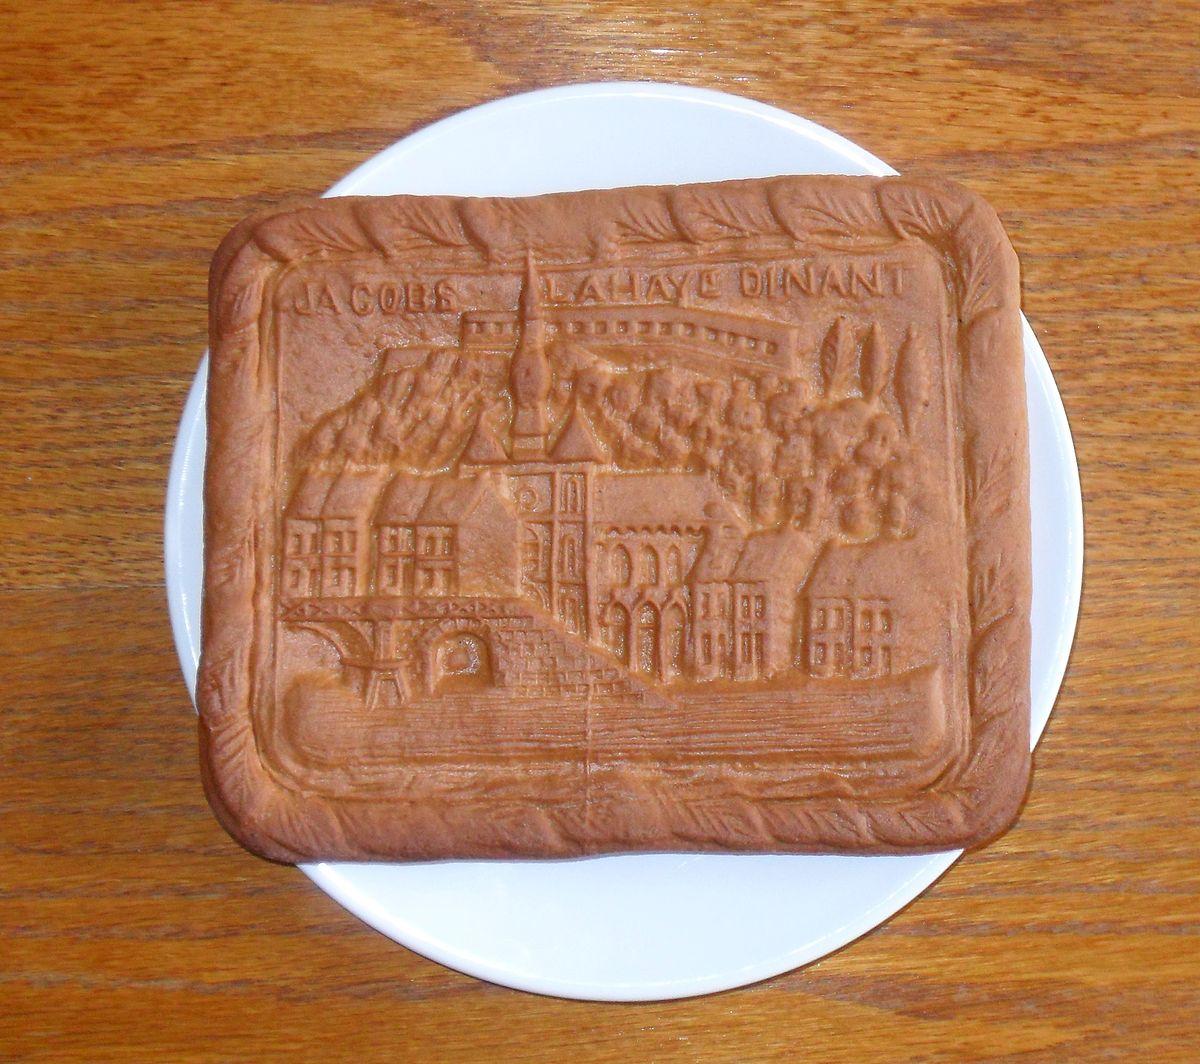 Couque de dinant wikip dia - Office du tourisme de dinant ...